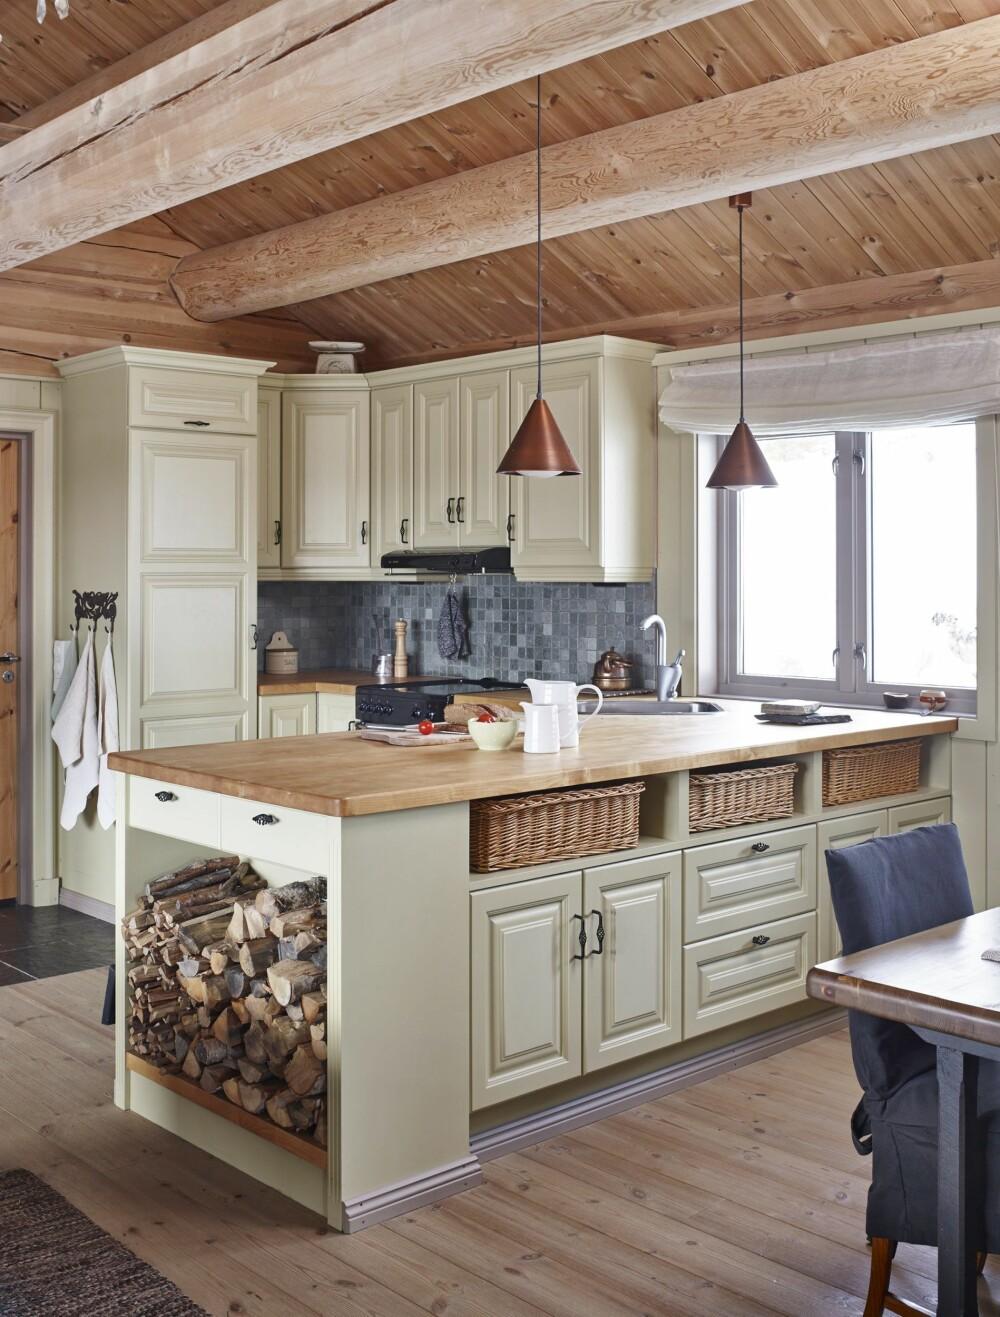 FLOTT KJØKKEN: Kjøkkenet har Kari tegnet selv, men det er Atico som har laget det. Legg merke til kobberlampene over kjøkkenbenken. Kobber går igjen i takrenner, utelamper og altså på kjøkkenet. En vedhylle som en integrert del av kjøkkeninnredningen er både praktisk og dekorativt. FOTO: Sveinung Bråthen